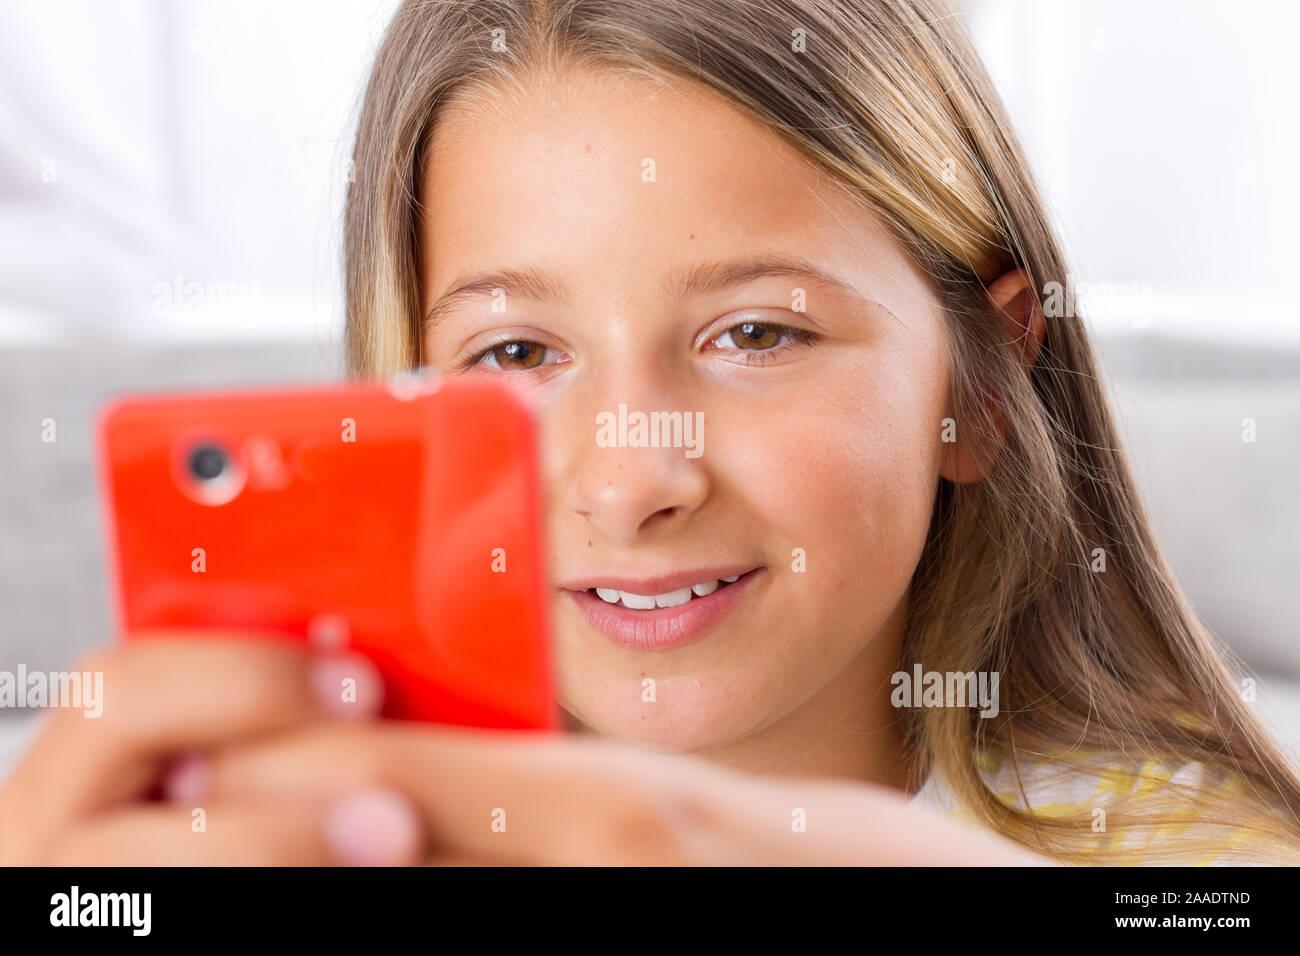 Jugendliche mit Smartphone Stock Photo